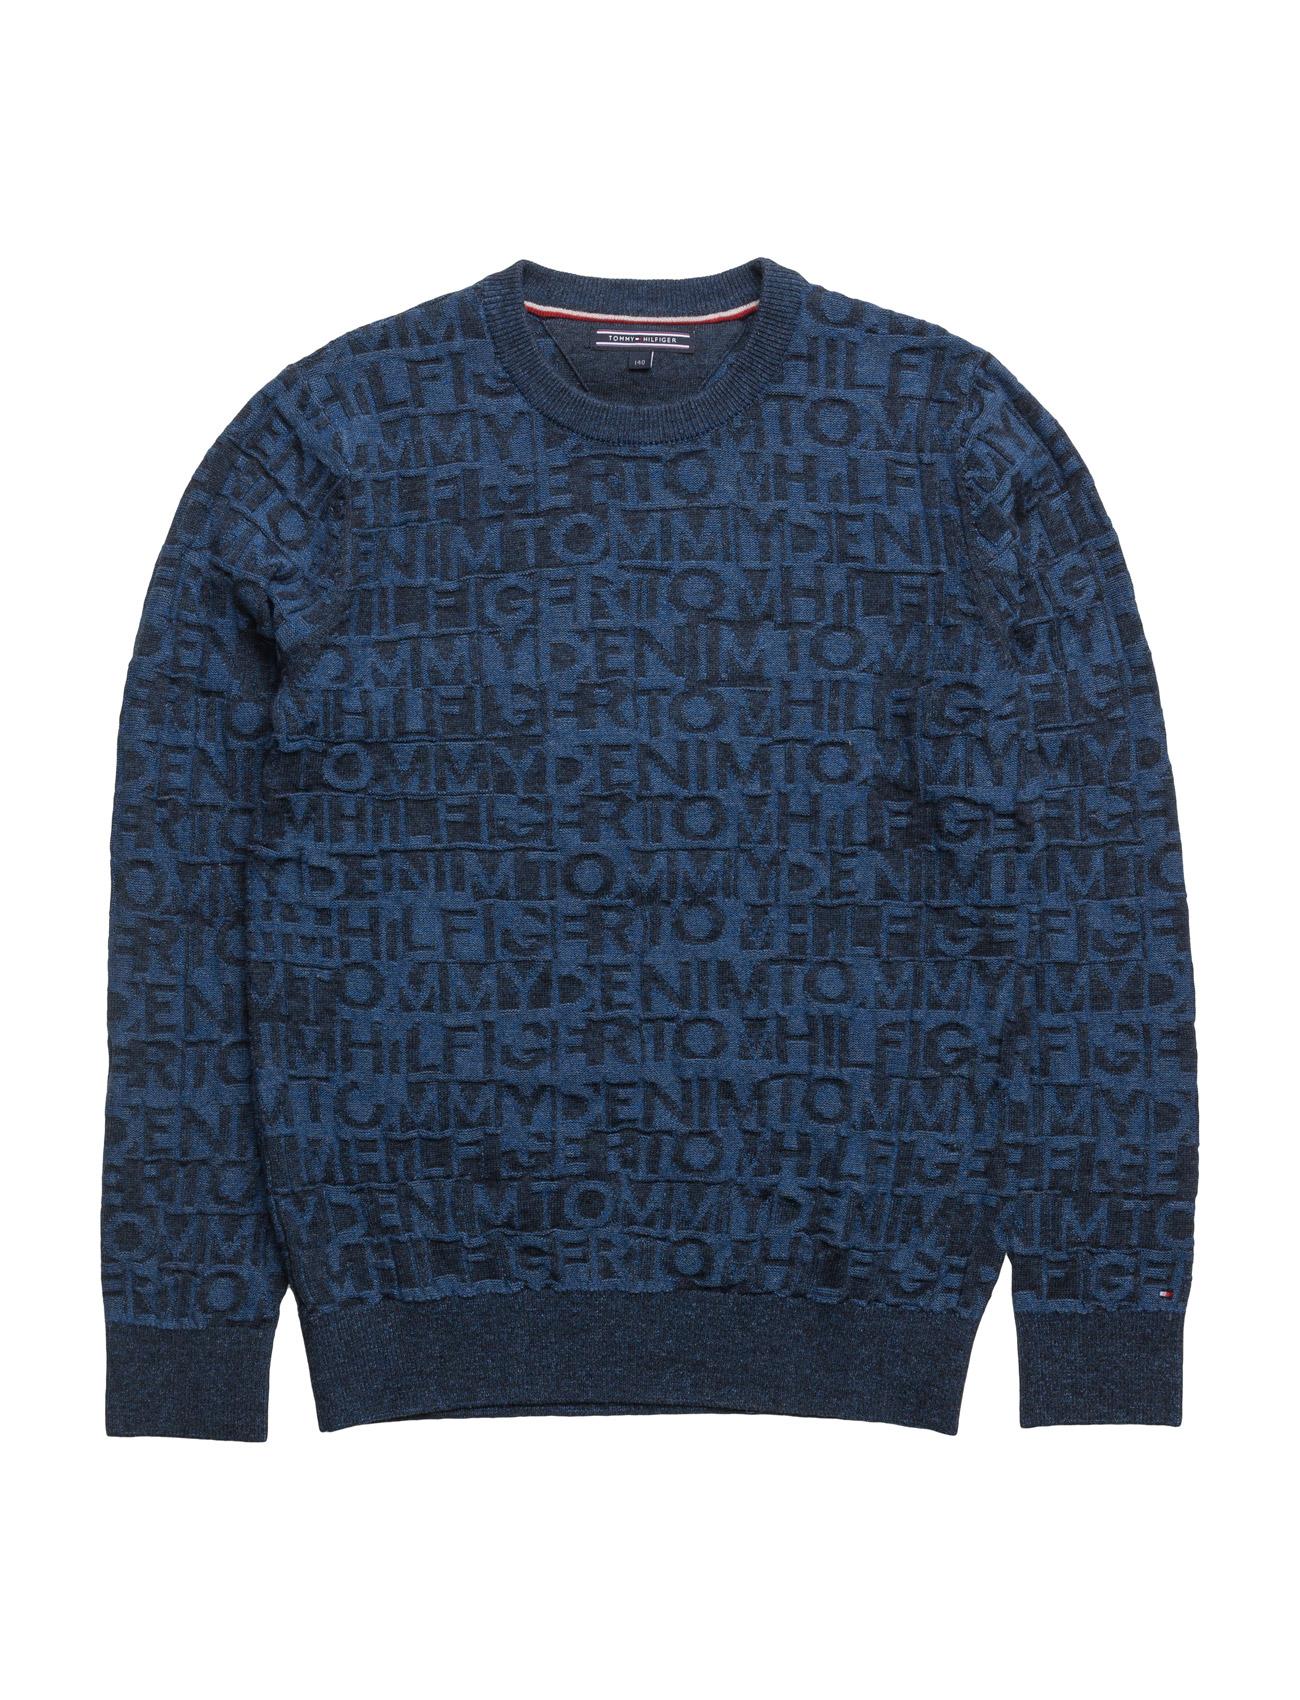 D Jacquard Cn Sweater L/S Tommy Hilfiger  til Børn i Blå